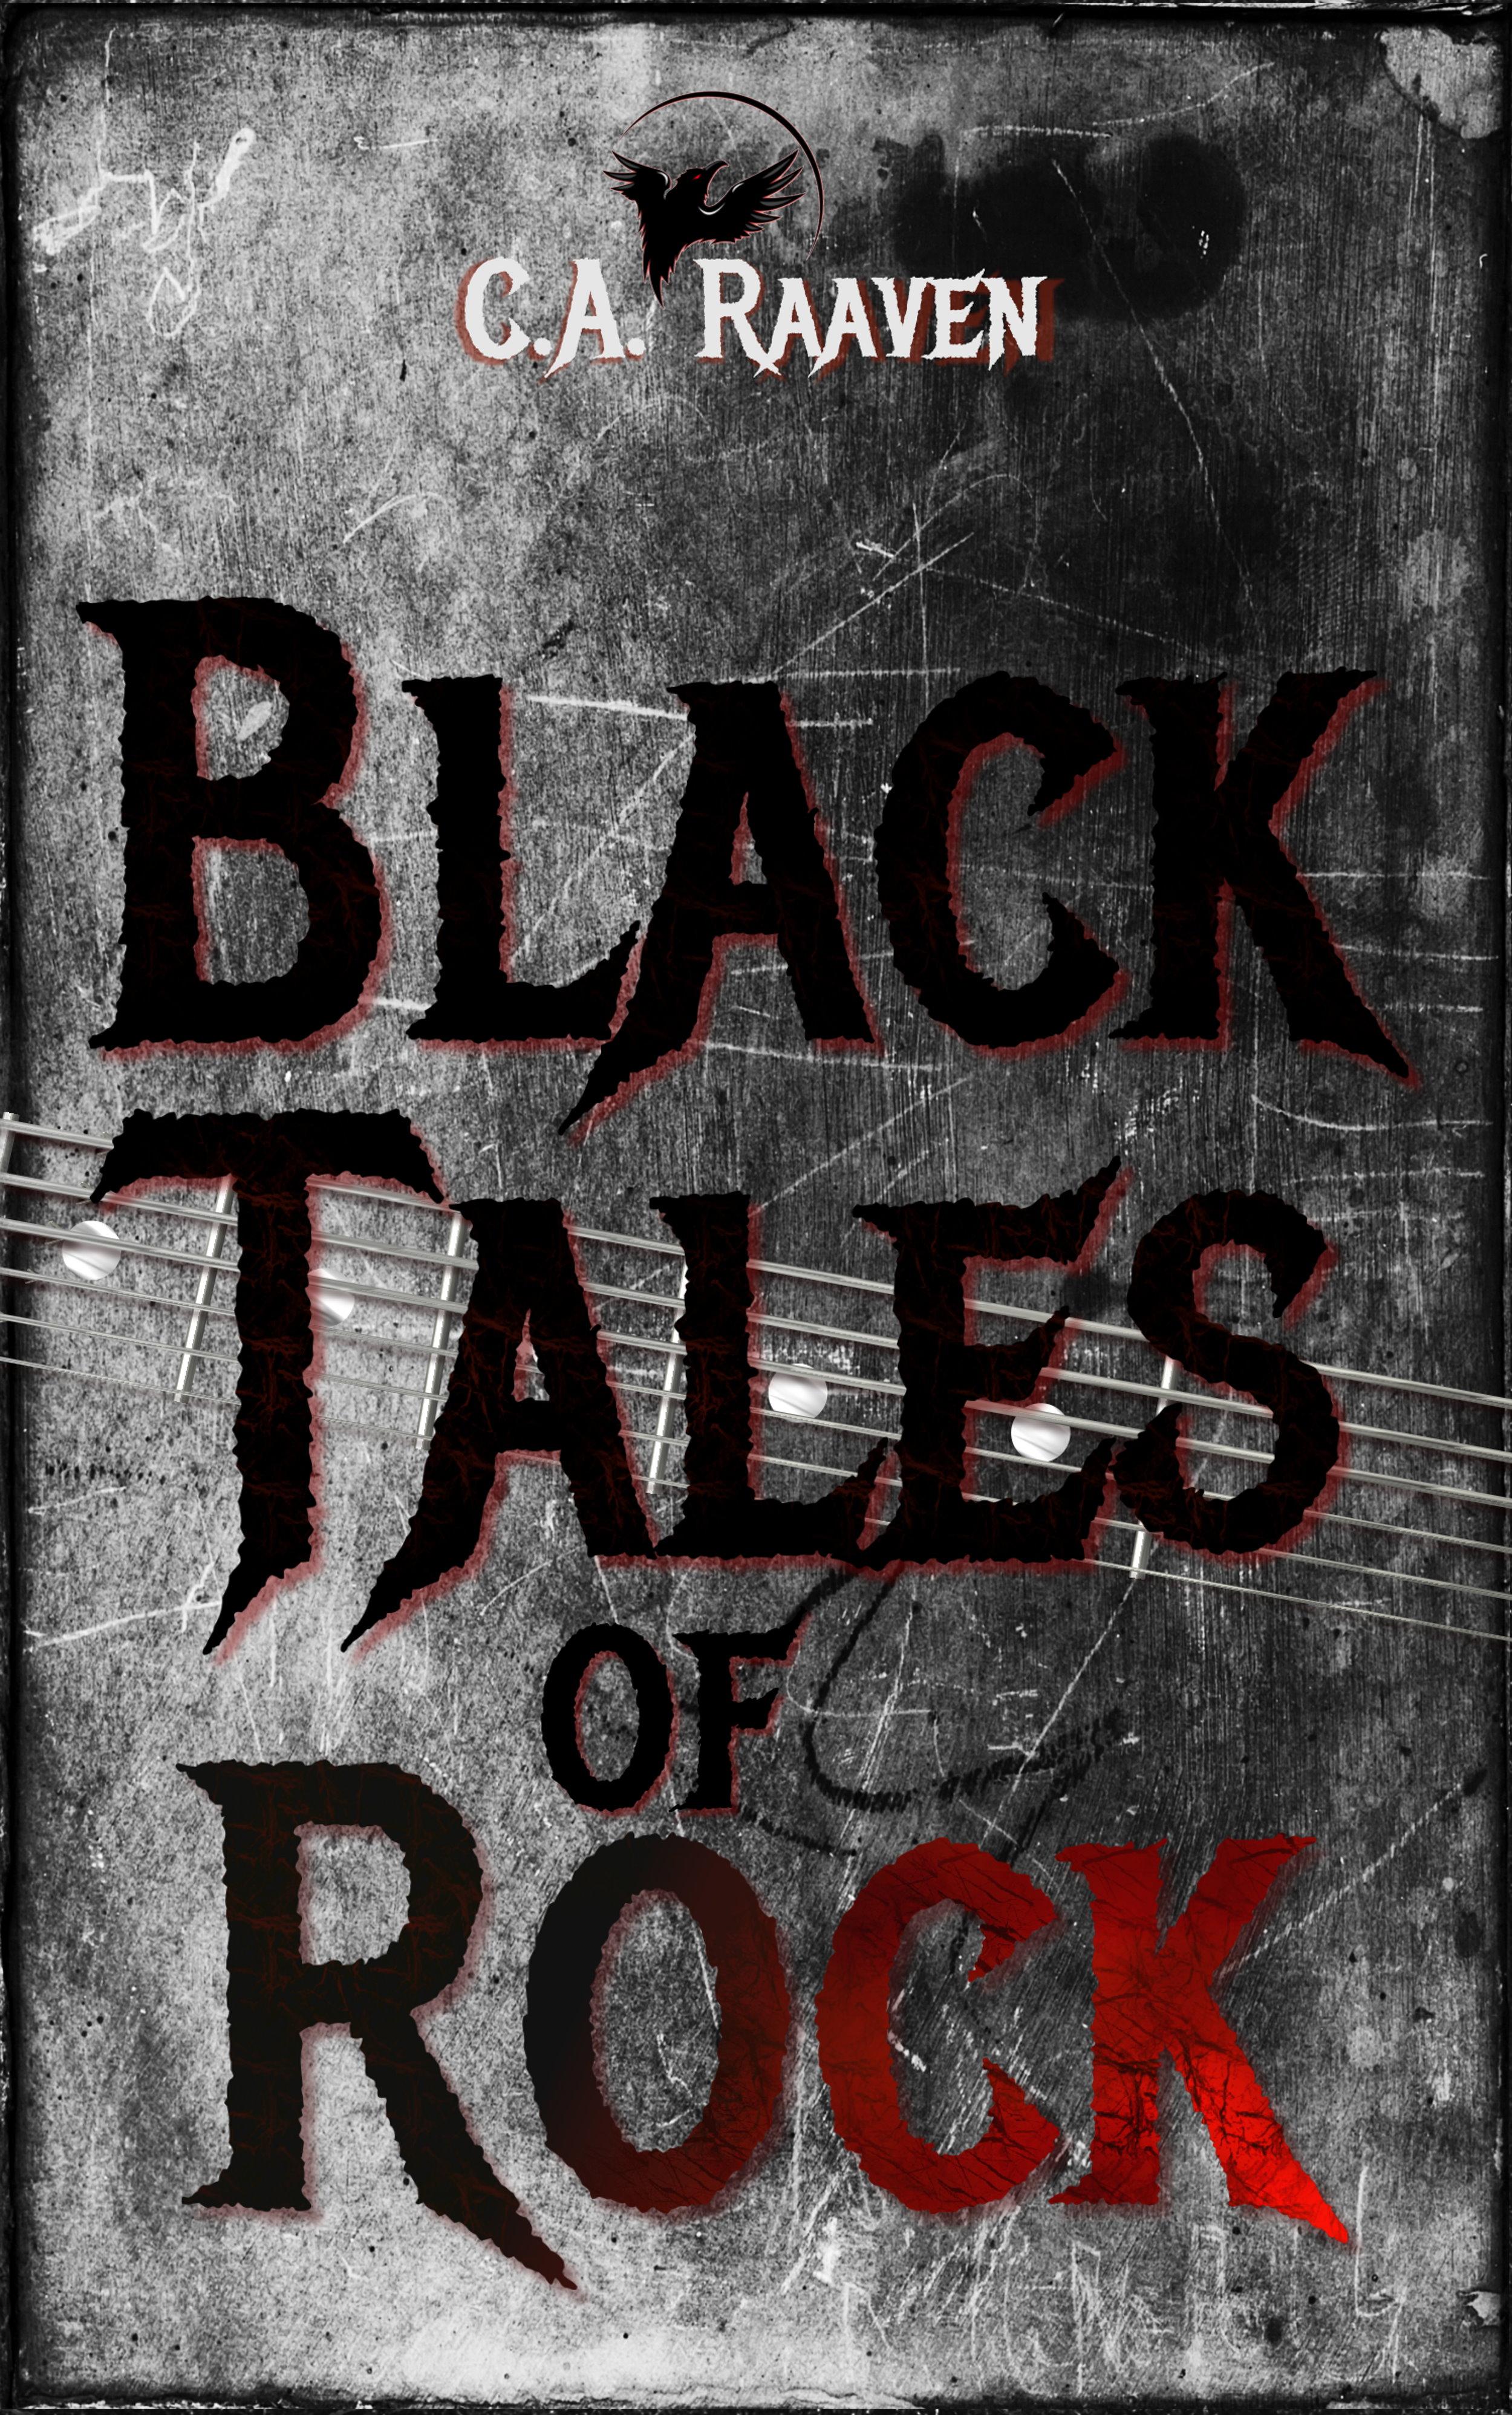 Raaven_C_A_Black_Tales_phantastik-autoren-netzwerk.jpg